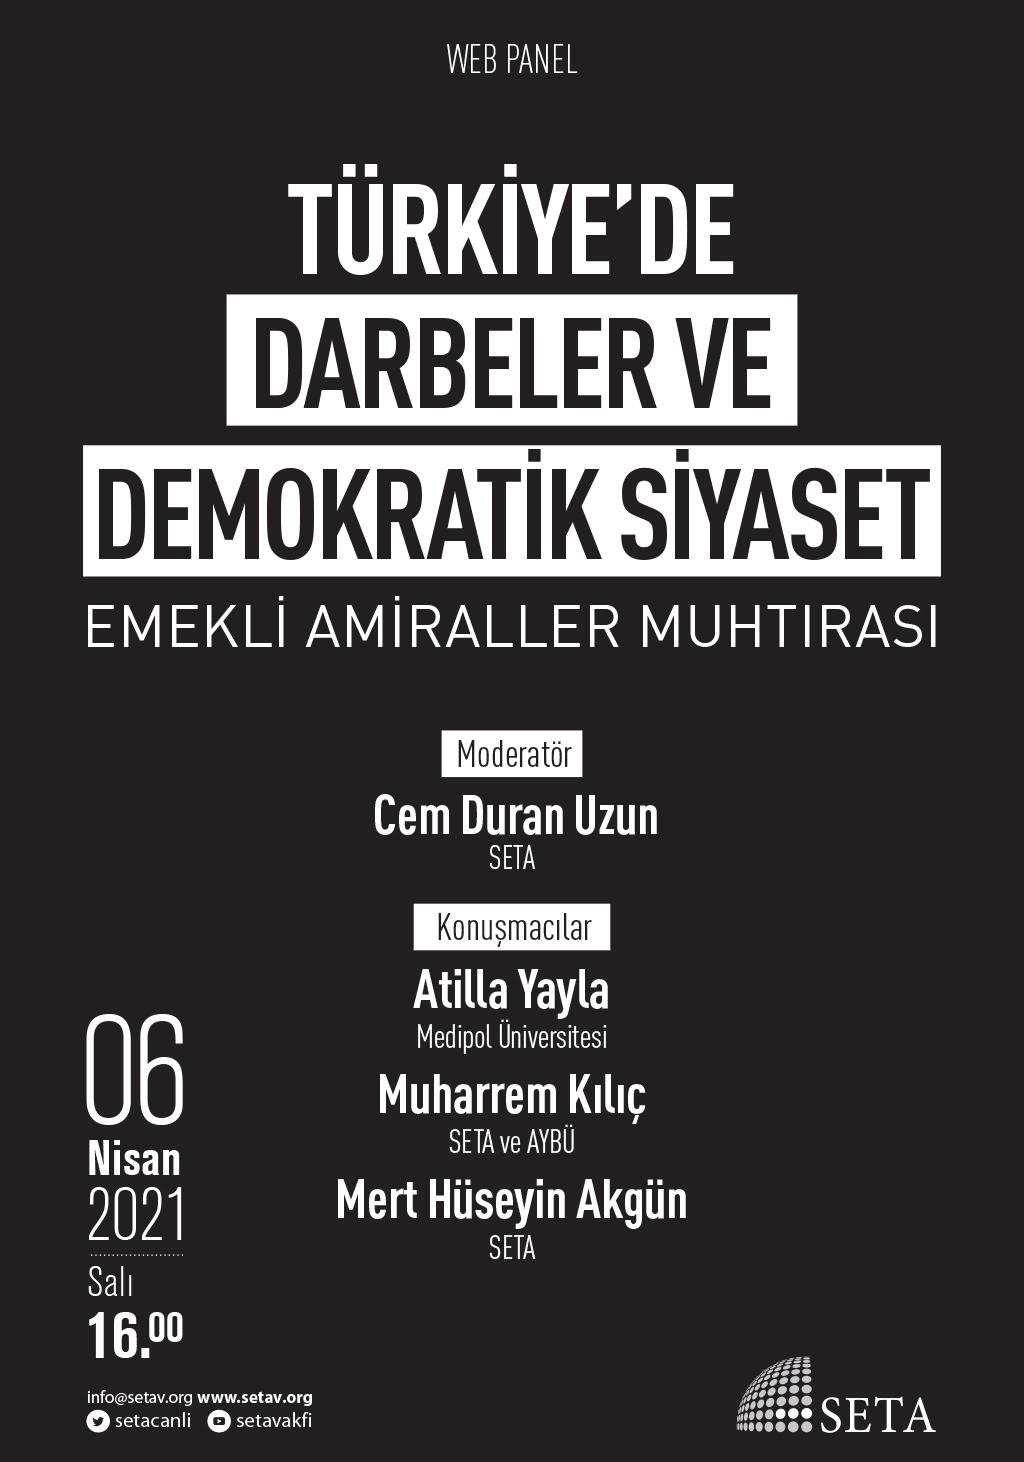 Web Panel: Türkiye'de Darbeler ve Demokratik Siyaset | Emekli Amiraller Muhtırası